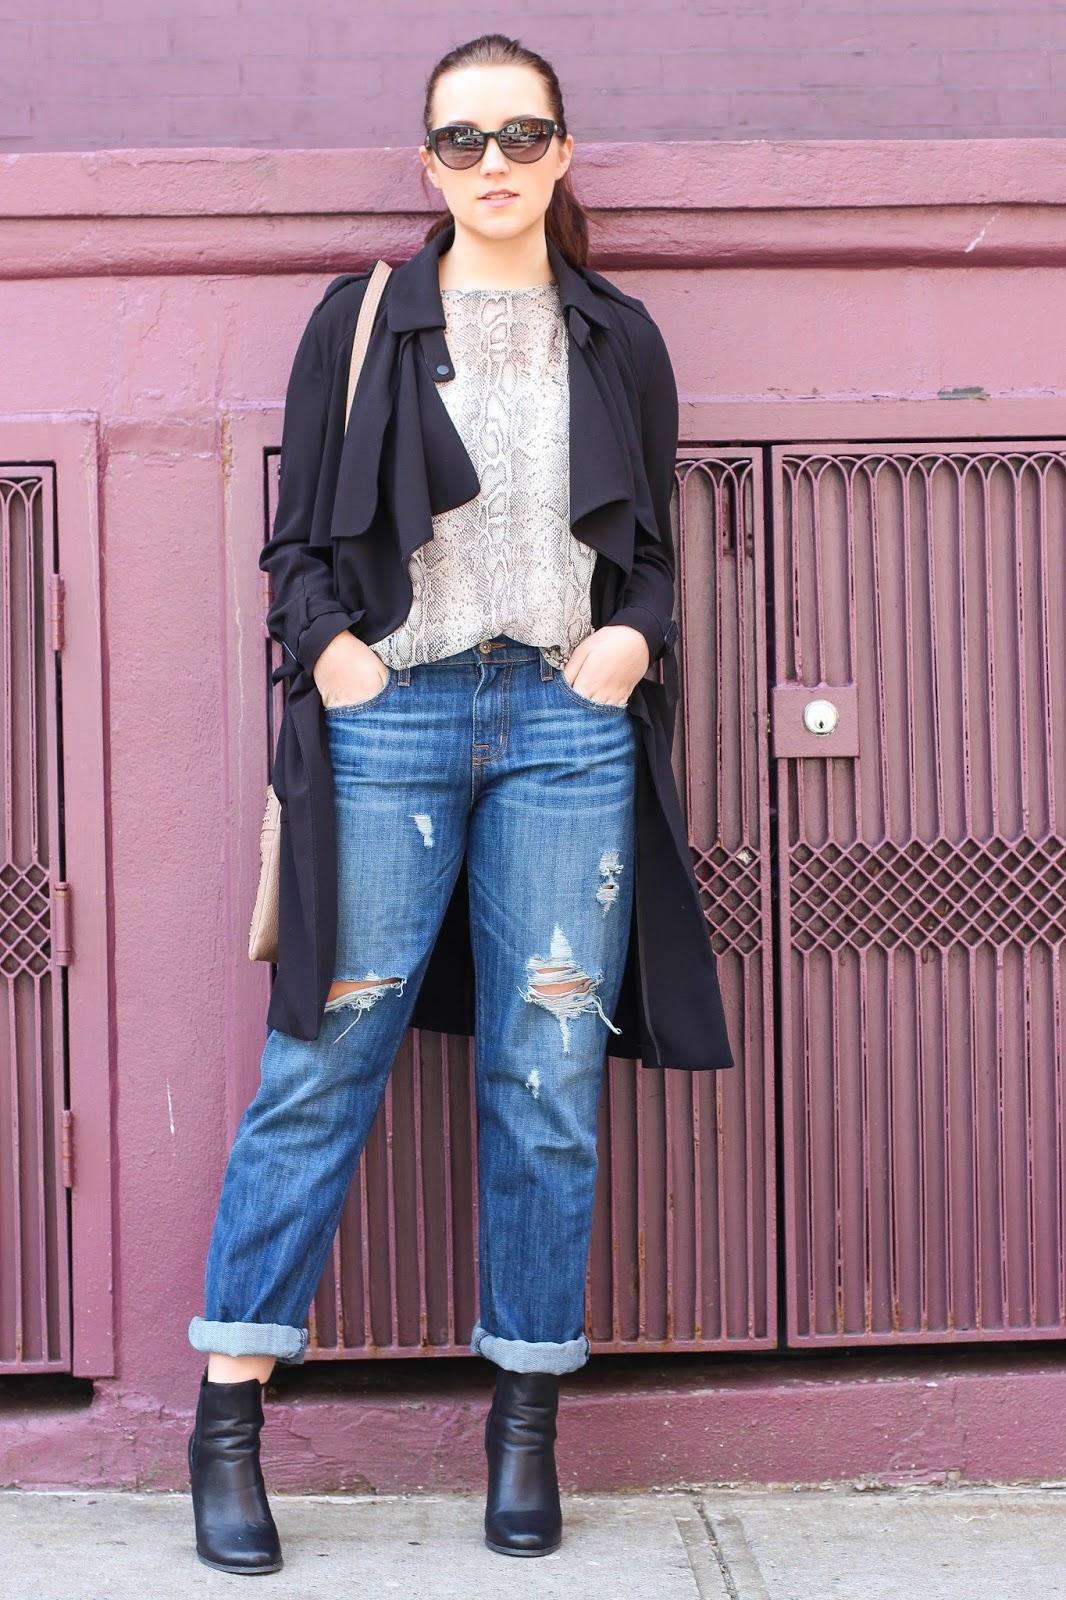 Beyond Brunette: Boyfriend Jeans & Statement Boots